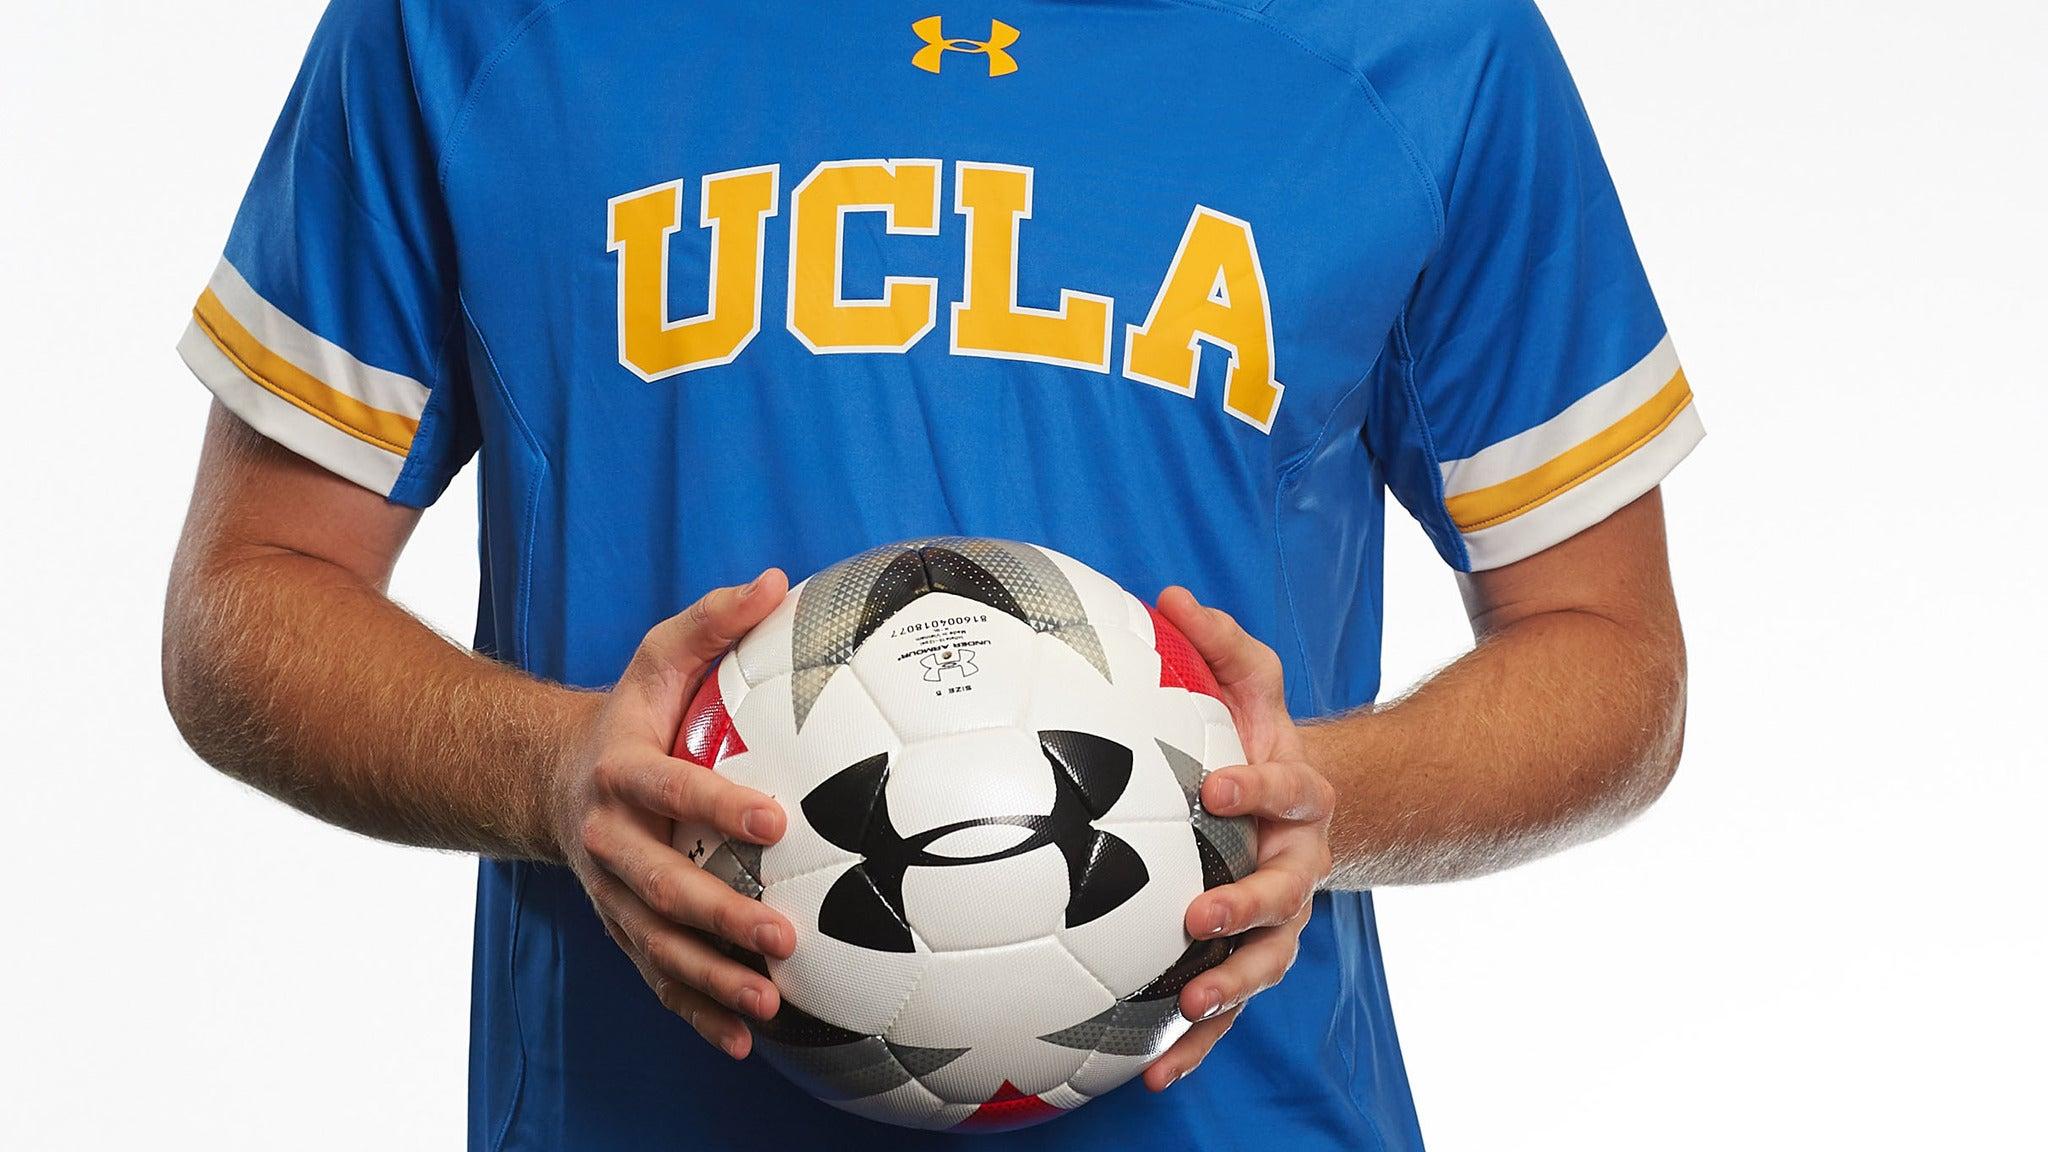 UCLA Bruins Men's Soccer vs. University of San Diego's Men's Soccer